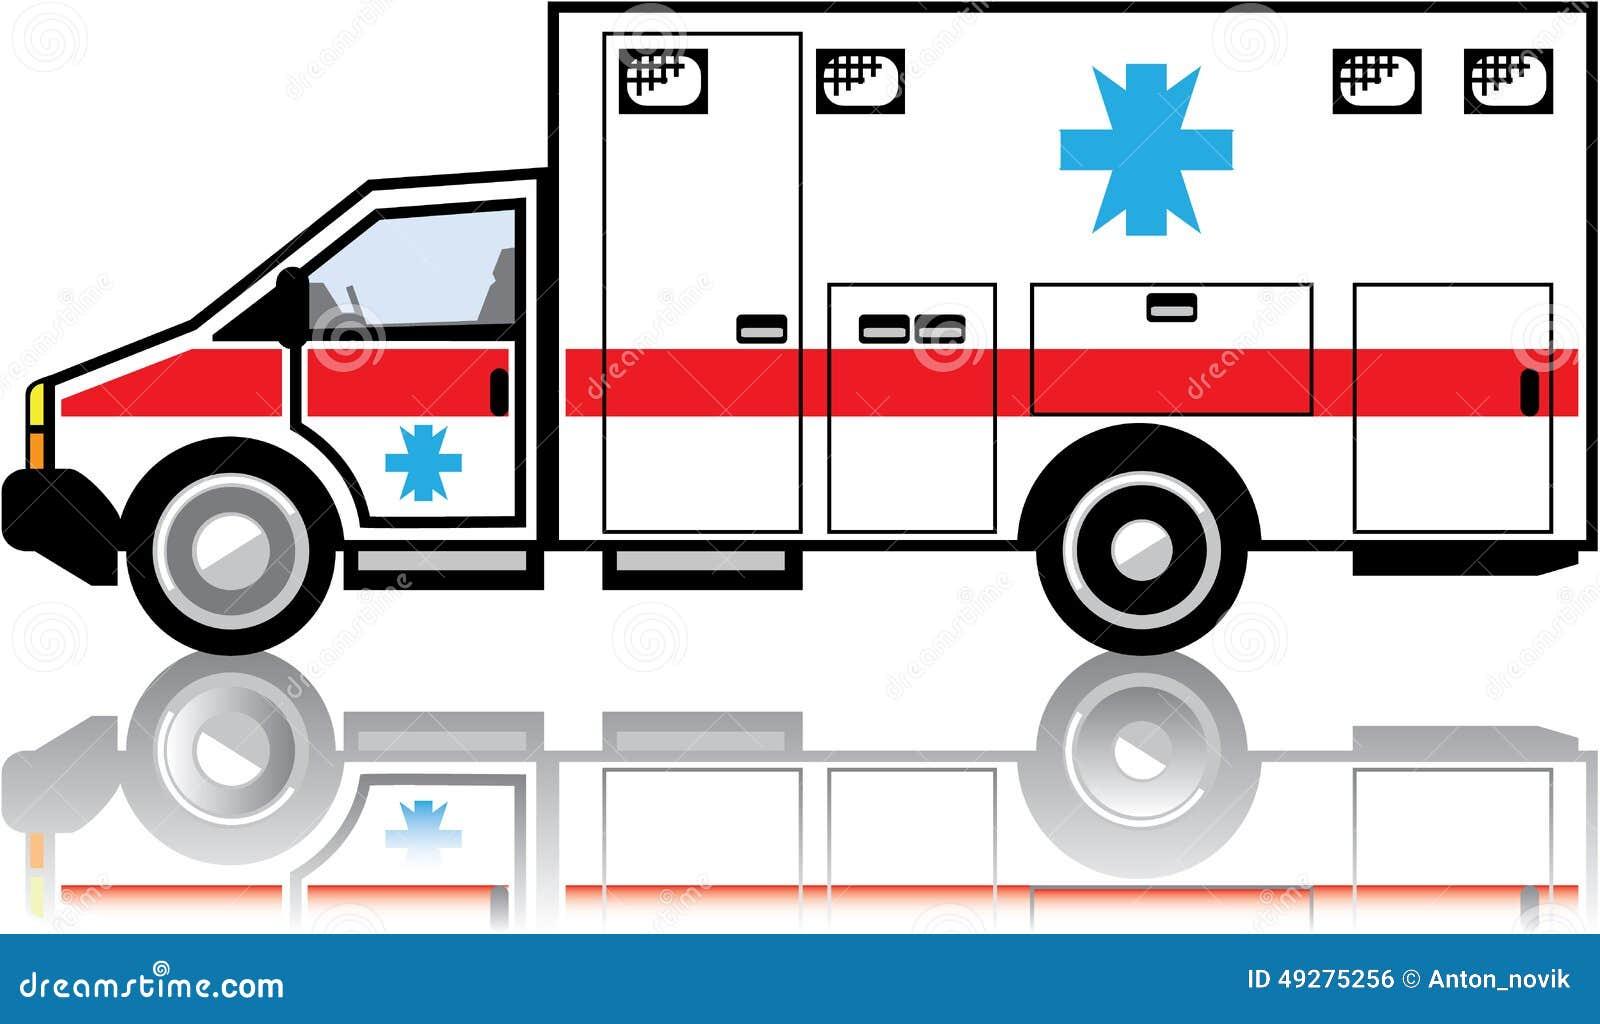 clip art ambulance pictures - photo #49